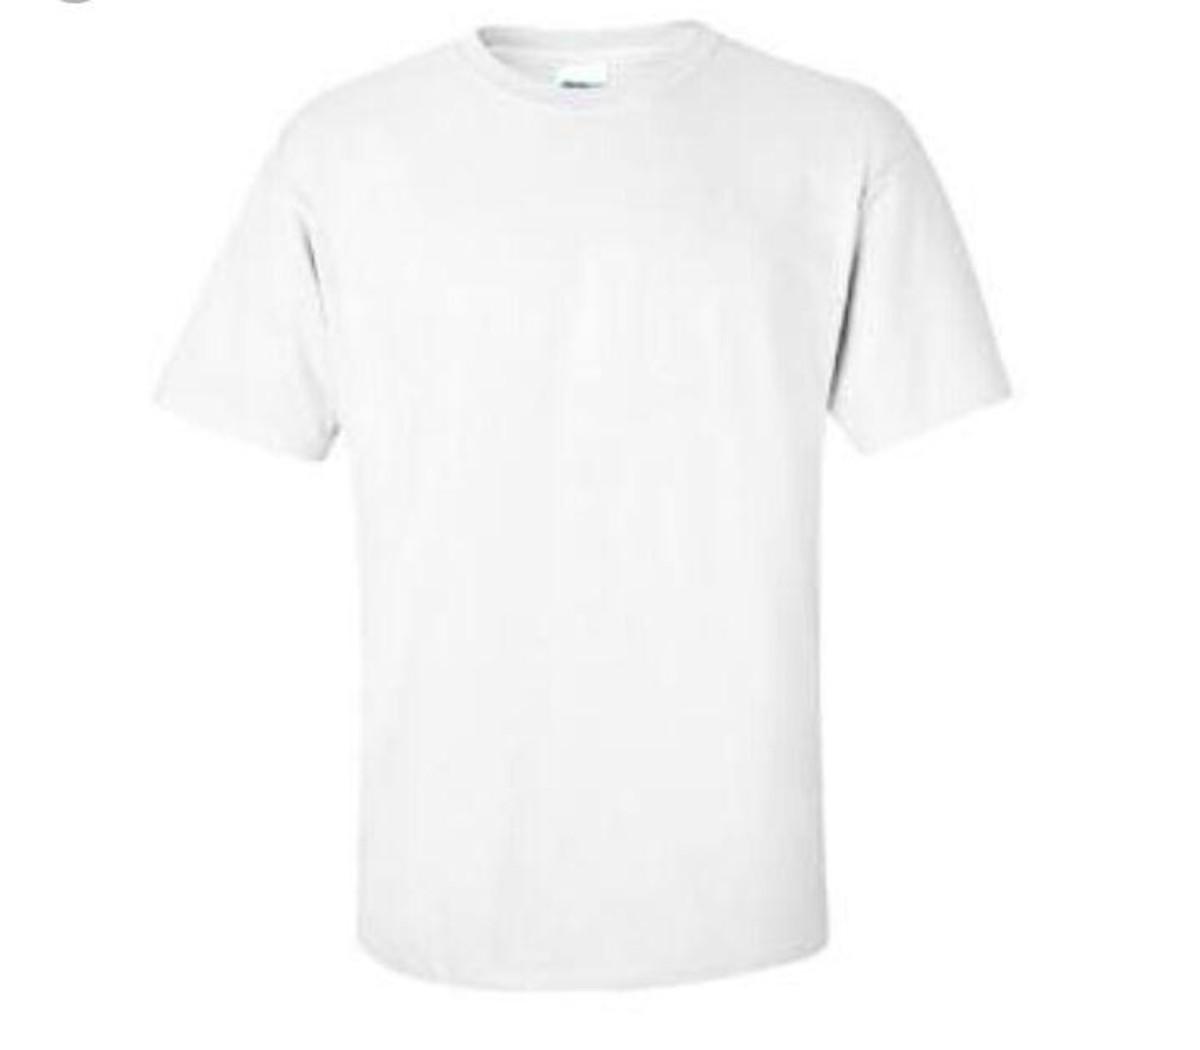 ec64f47b3c Camiseta branca vários modelos para a sua estampa. no Elo7